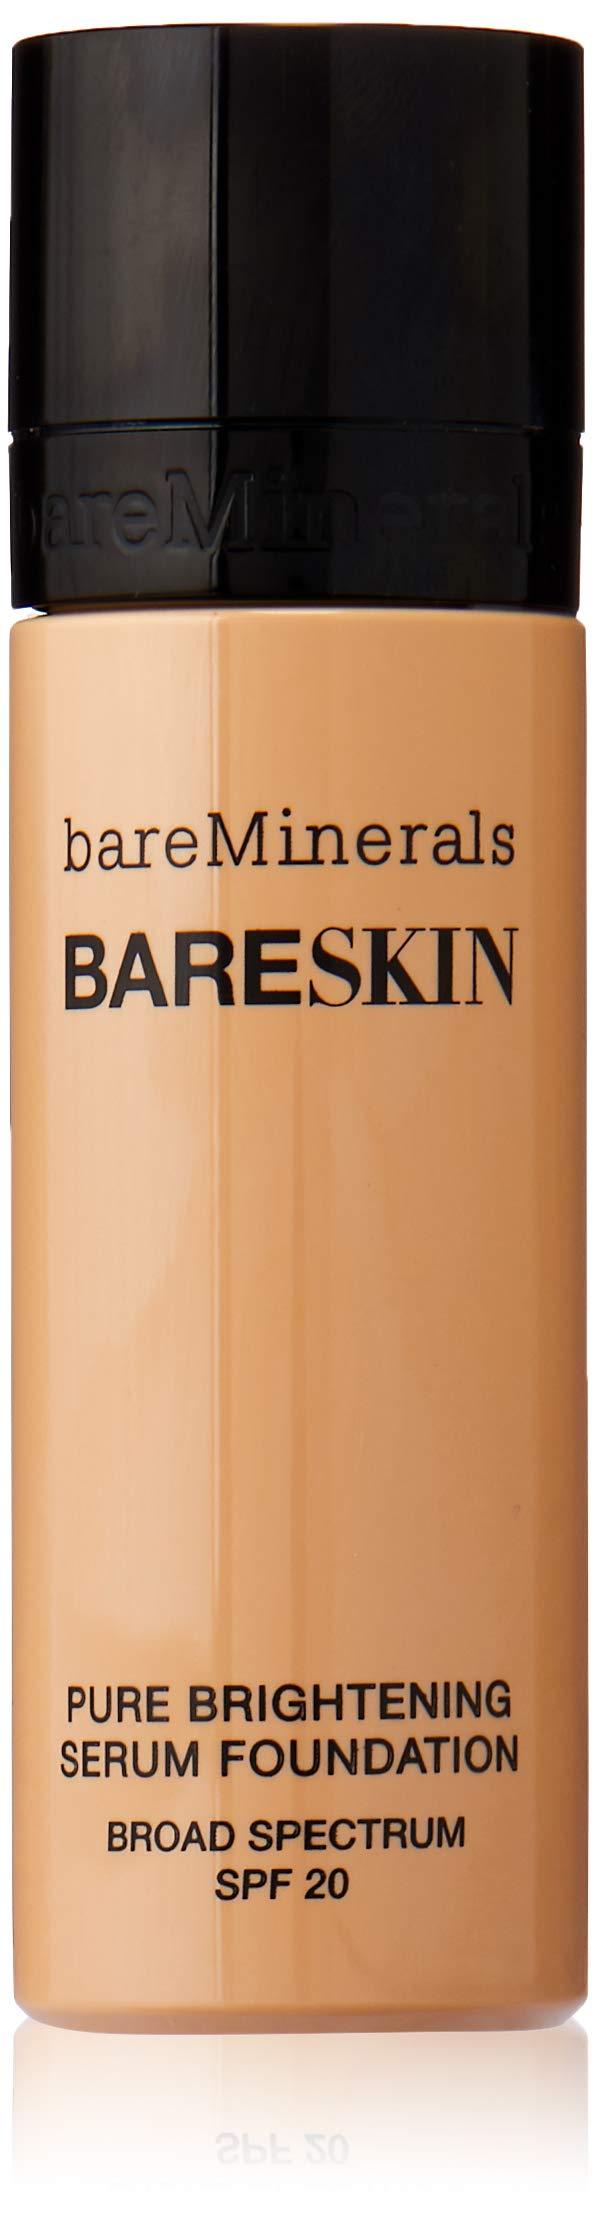 bareMinerals bareSkin Pure Brightening Serum Foundation SPF 20, Bare Natural 07, 1 Fl Oz by bareMinerals